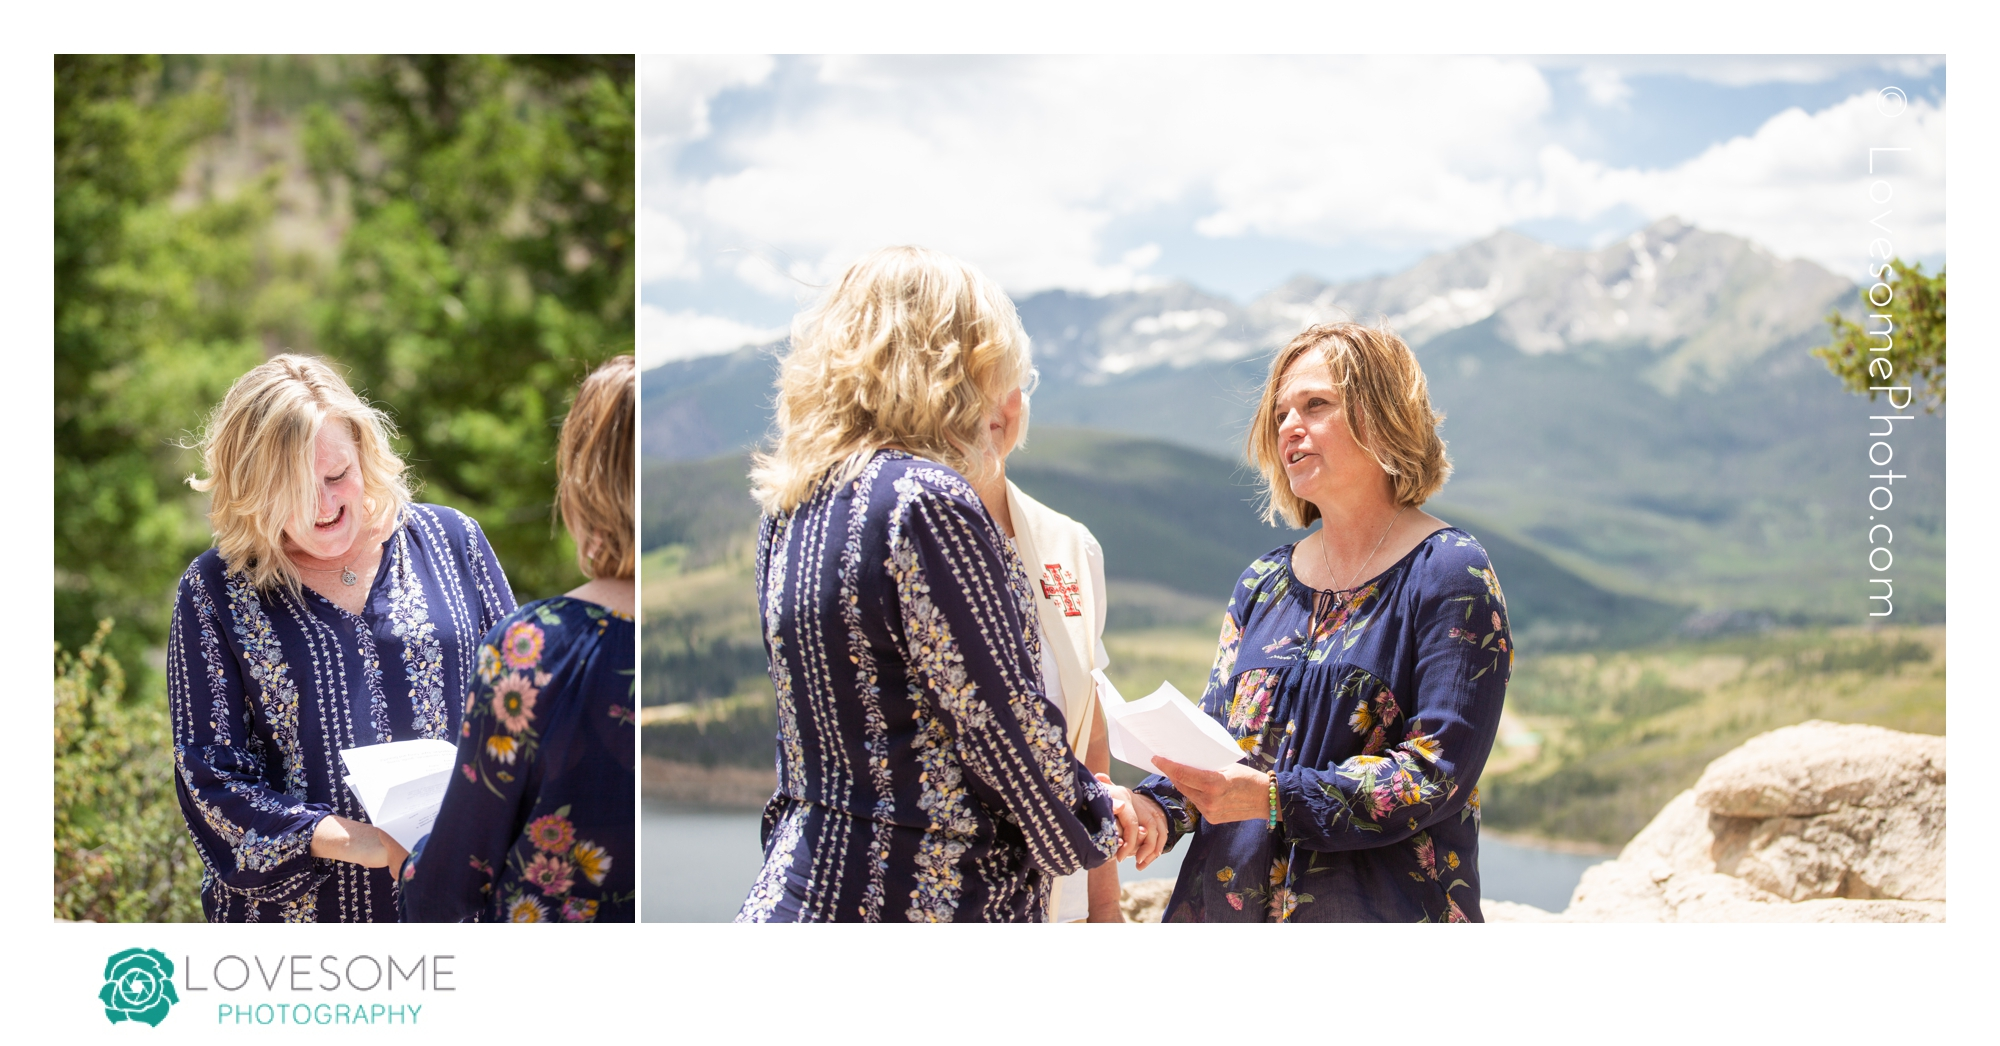 Cyndi & Ruth 4.jpg